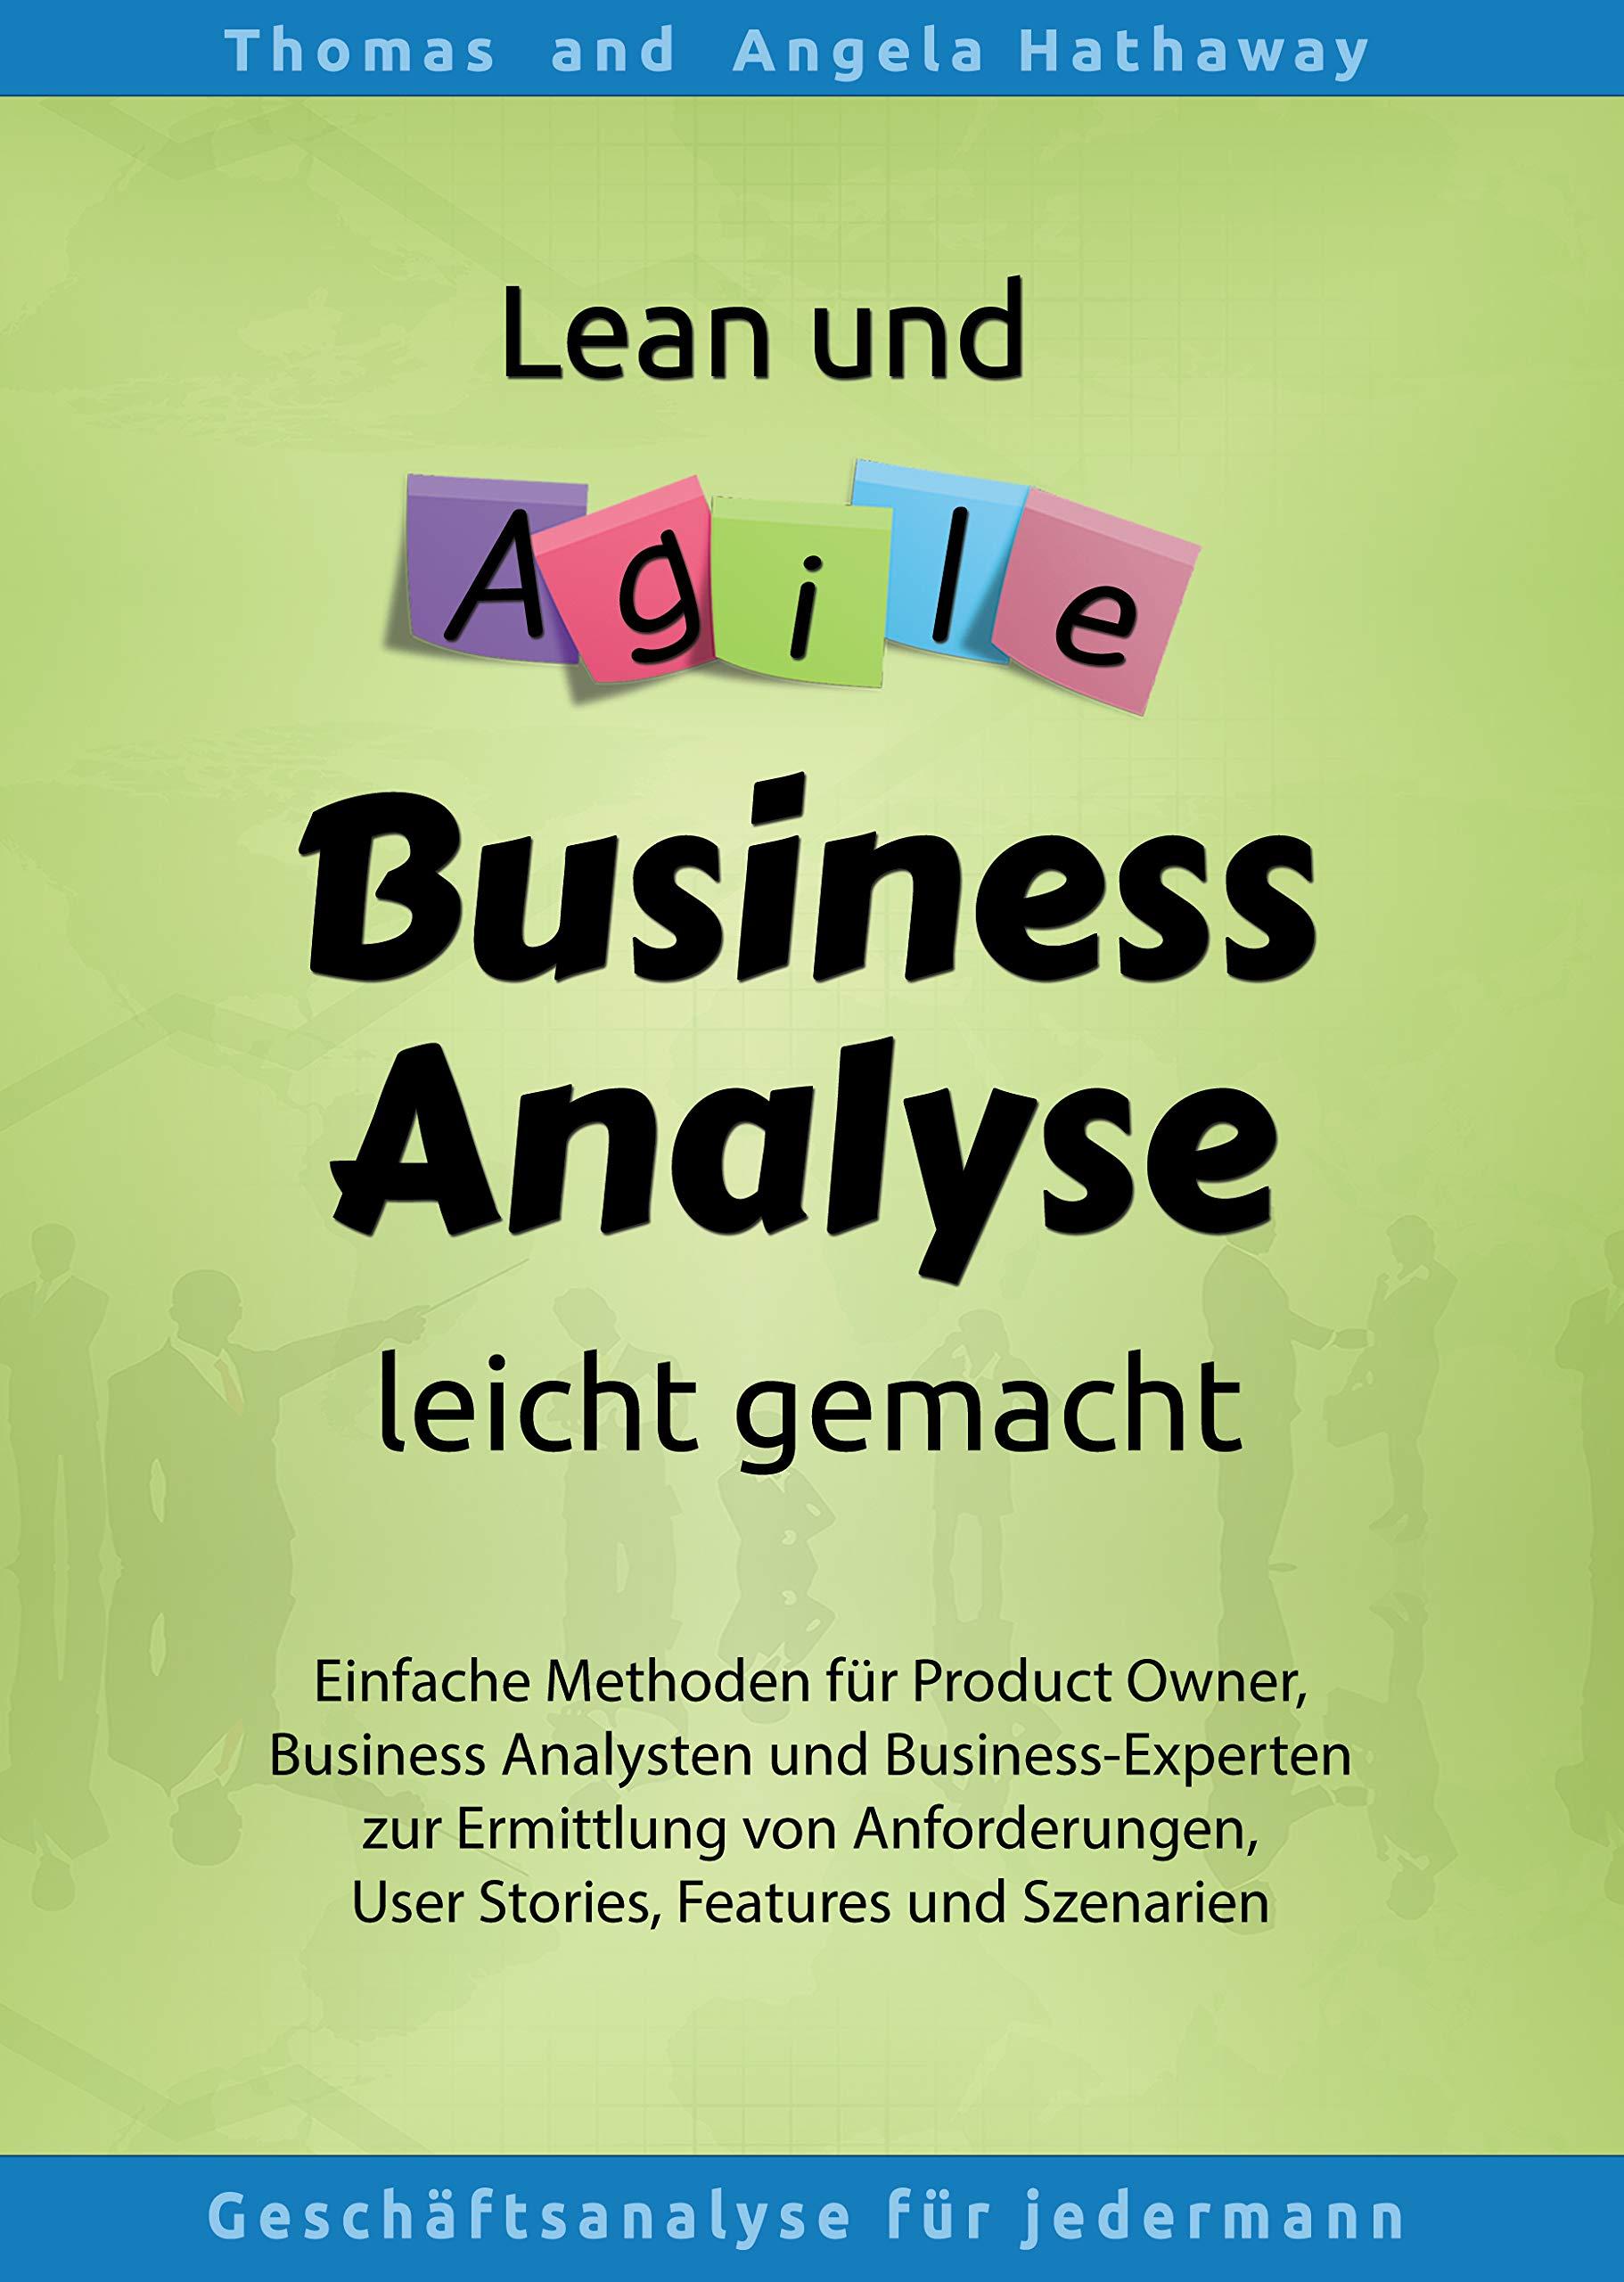 Lean und Agile Business Analyse leicht gemacht: Einfache Methoden für Product Owner, Business Analysten und Business-Experten zur Ermittlung von Anforderungen, ... Features und Szenarien (German Edition)